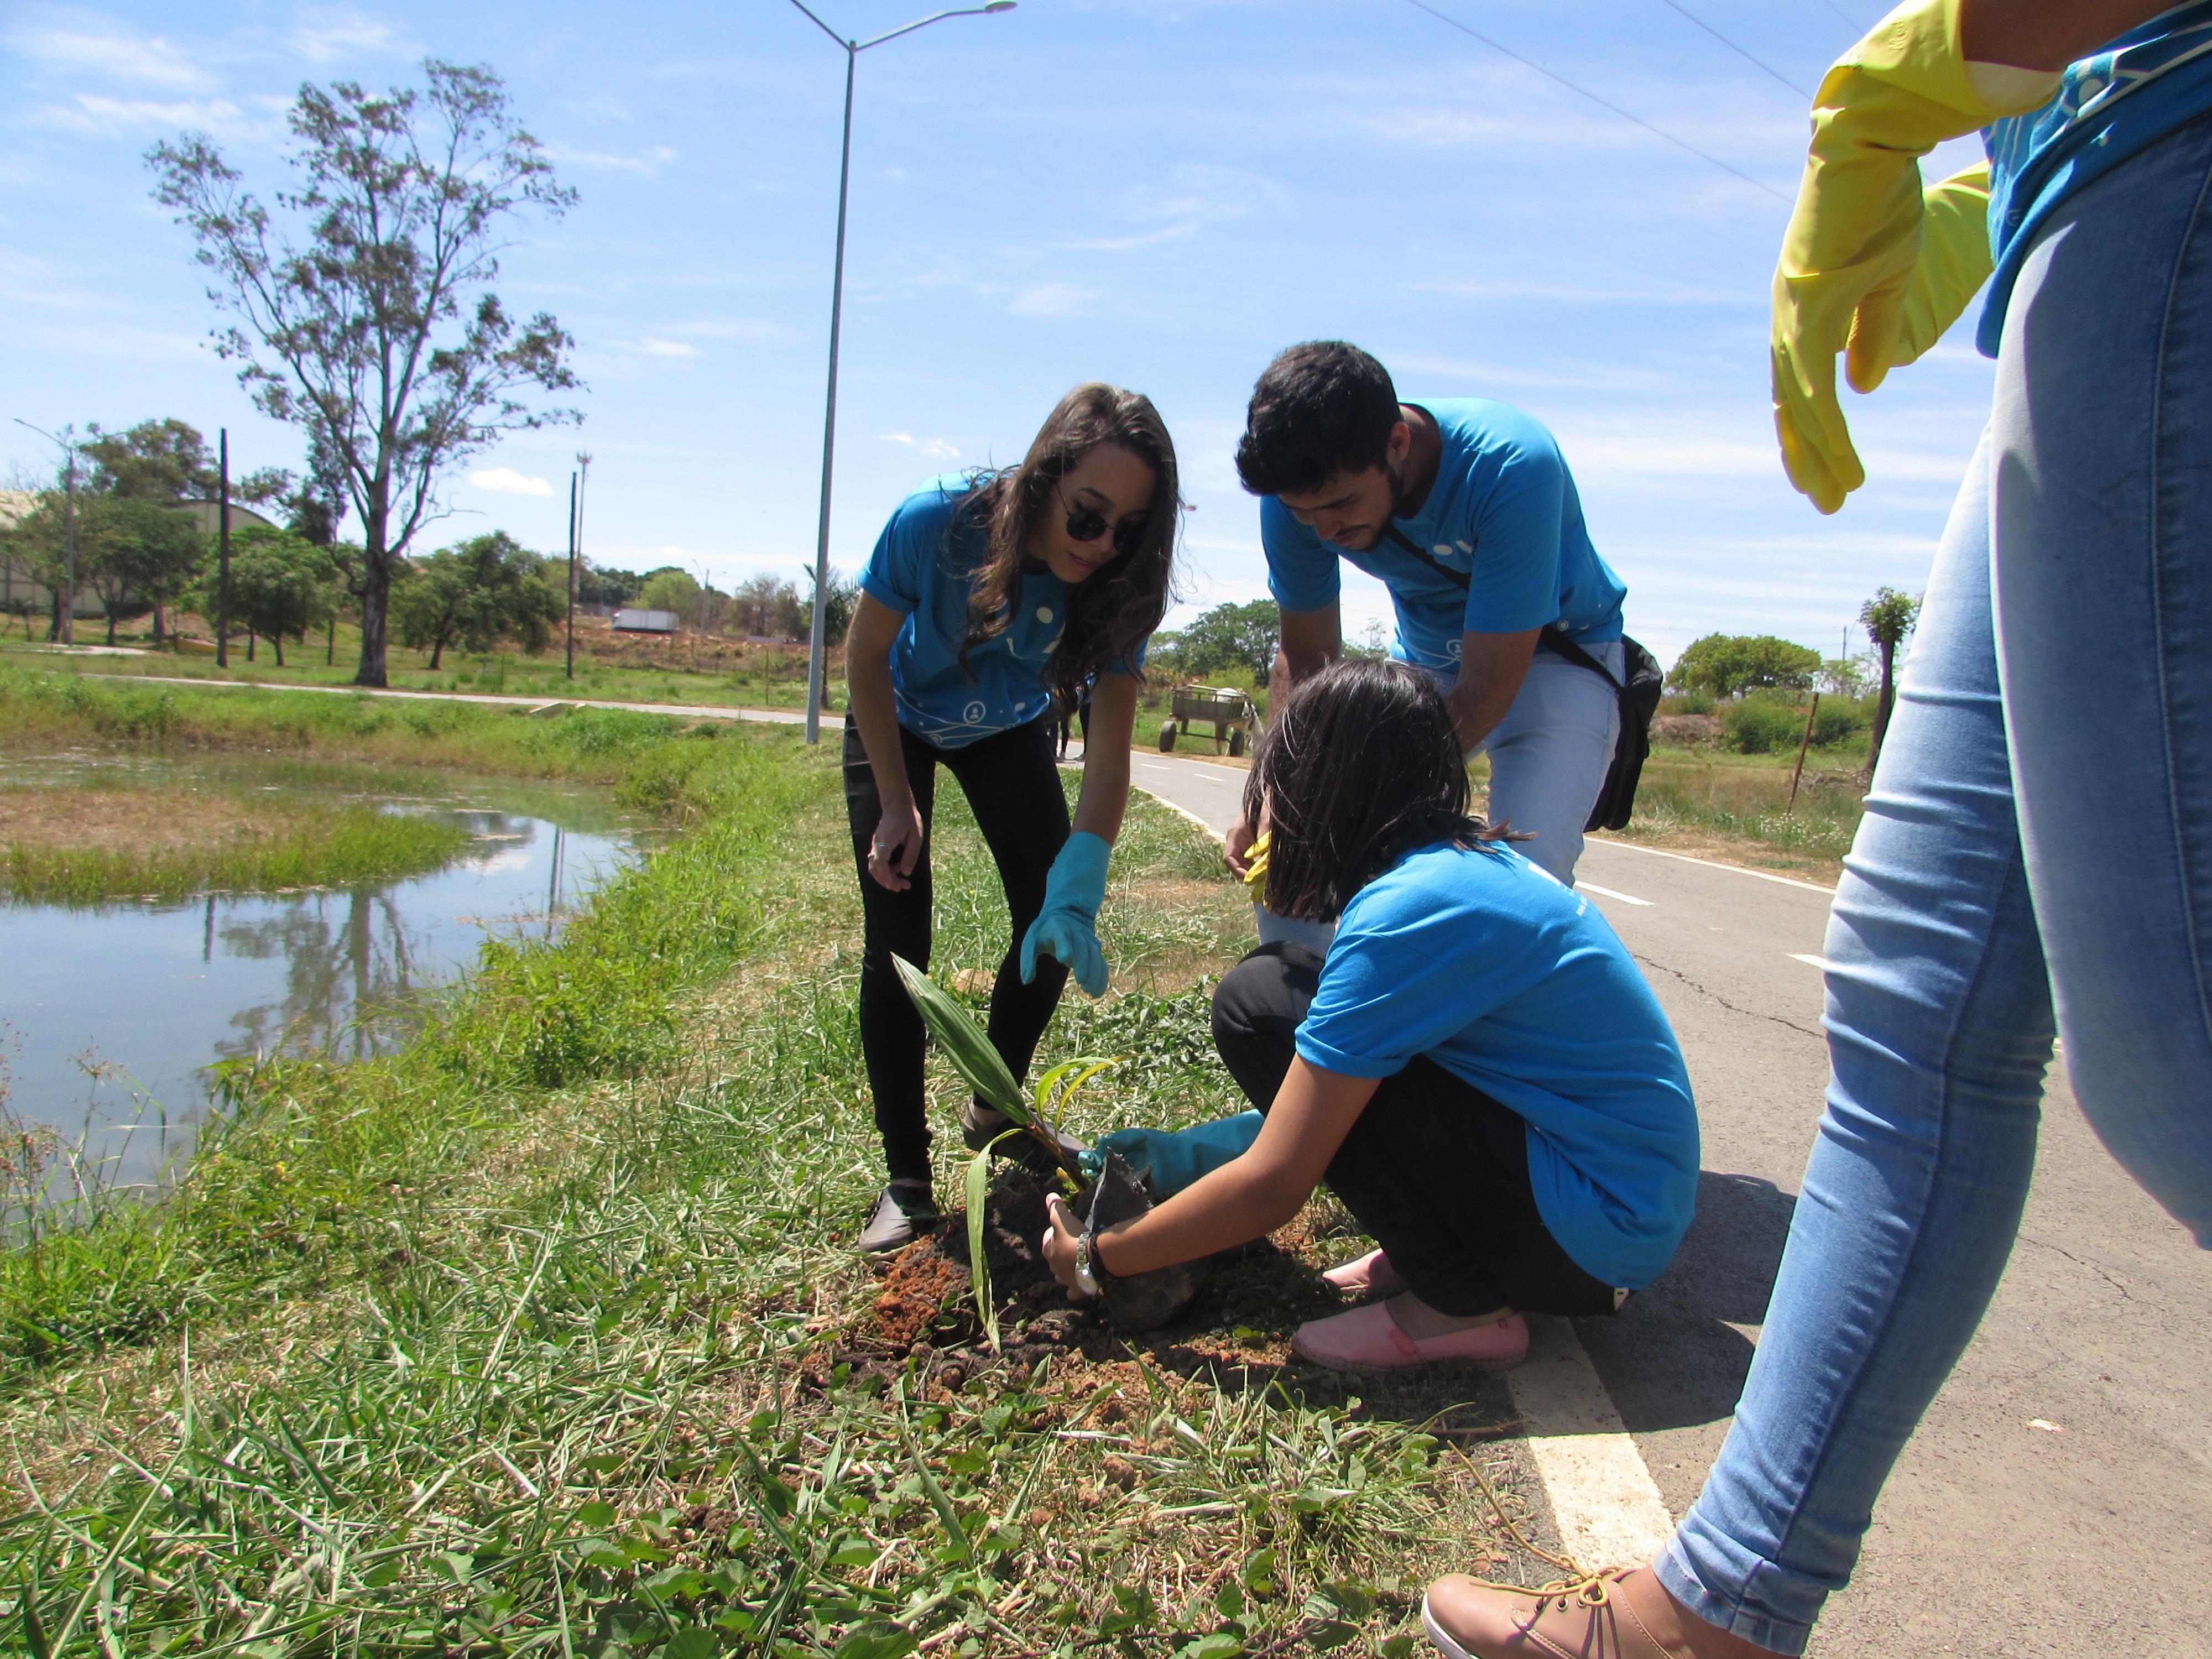 Imagem de destaque Prefeitura e ONG recolhem lixo e plantam mudas no Parque Municipal